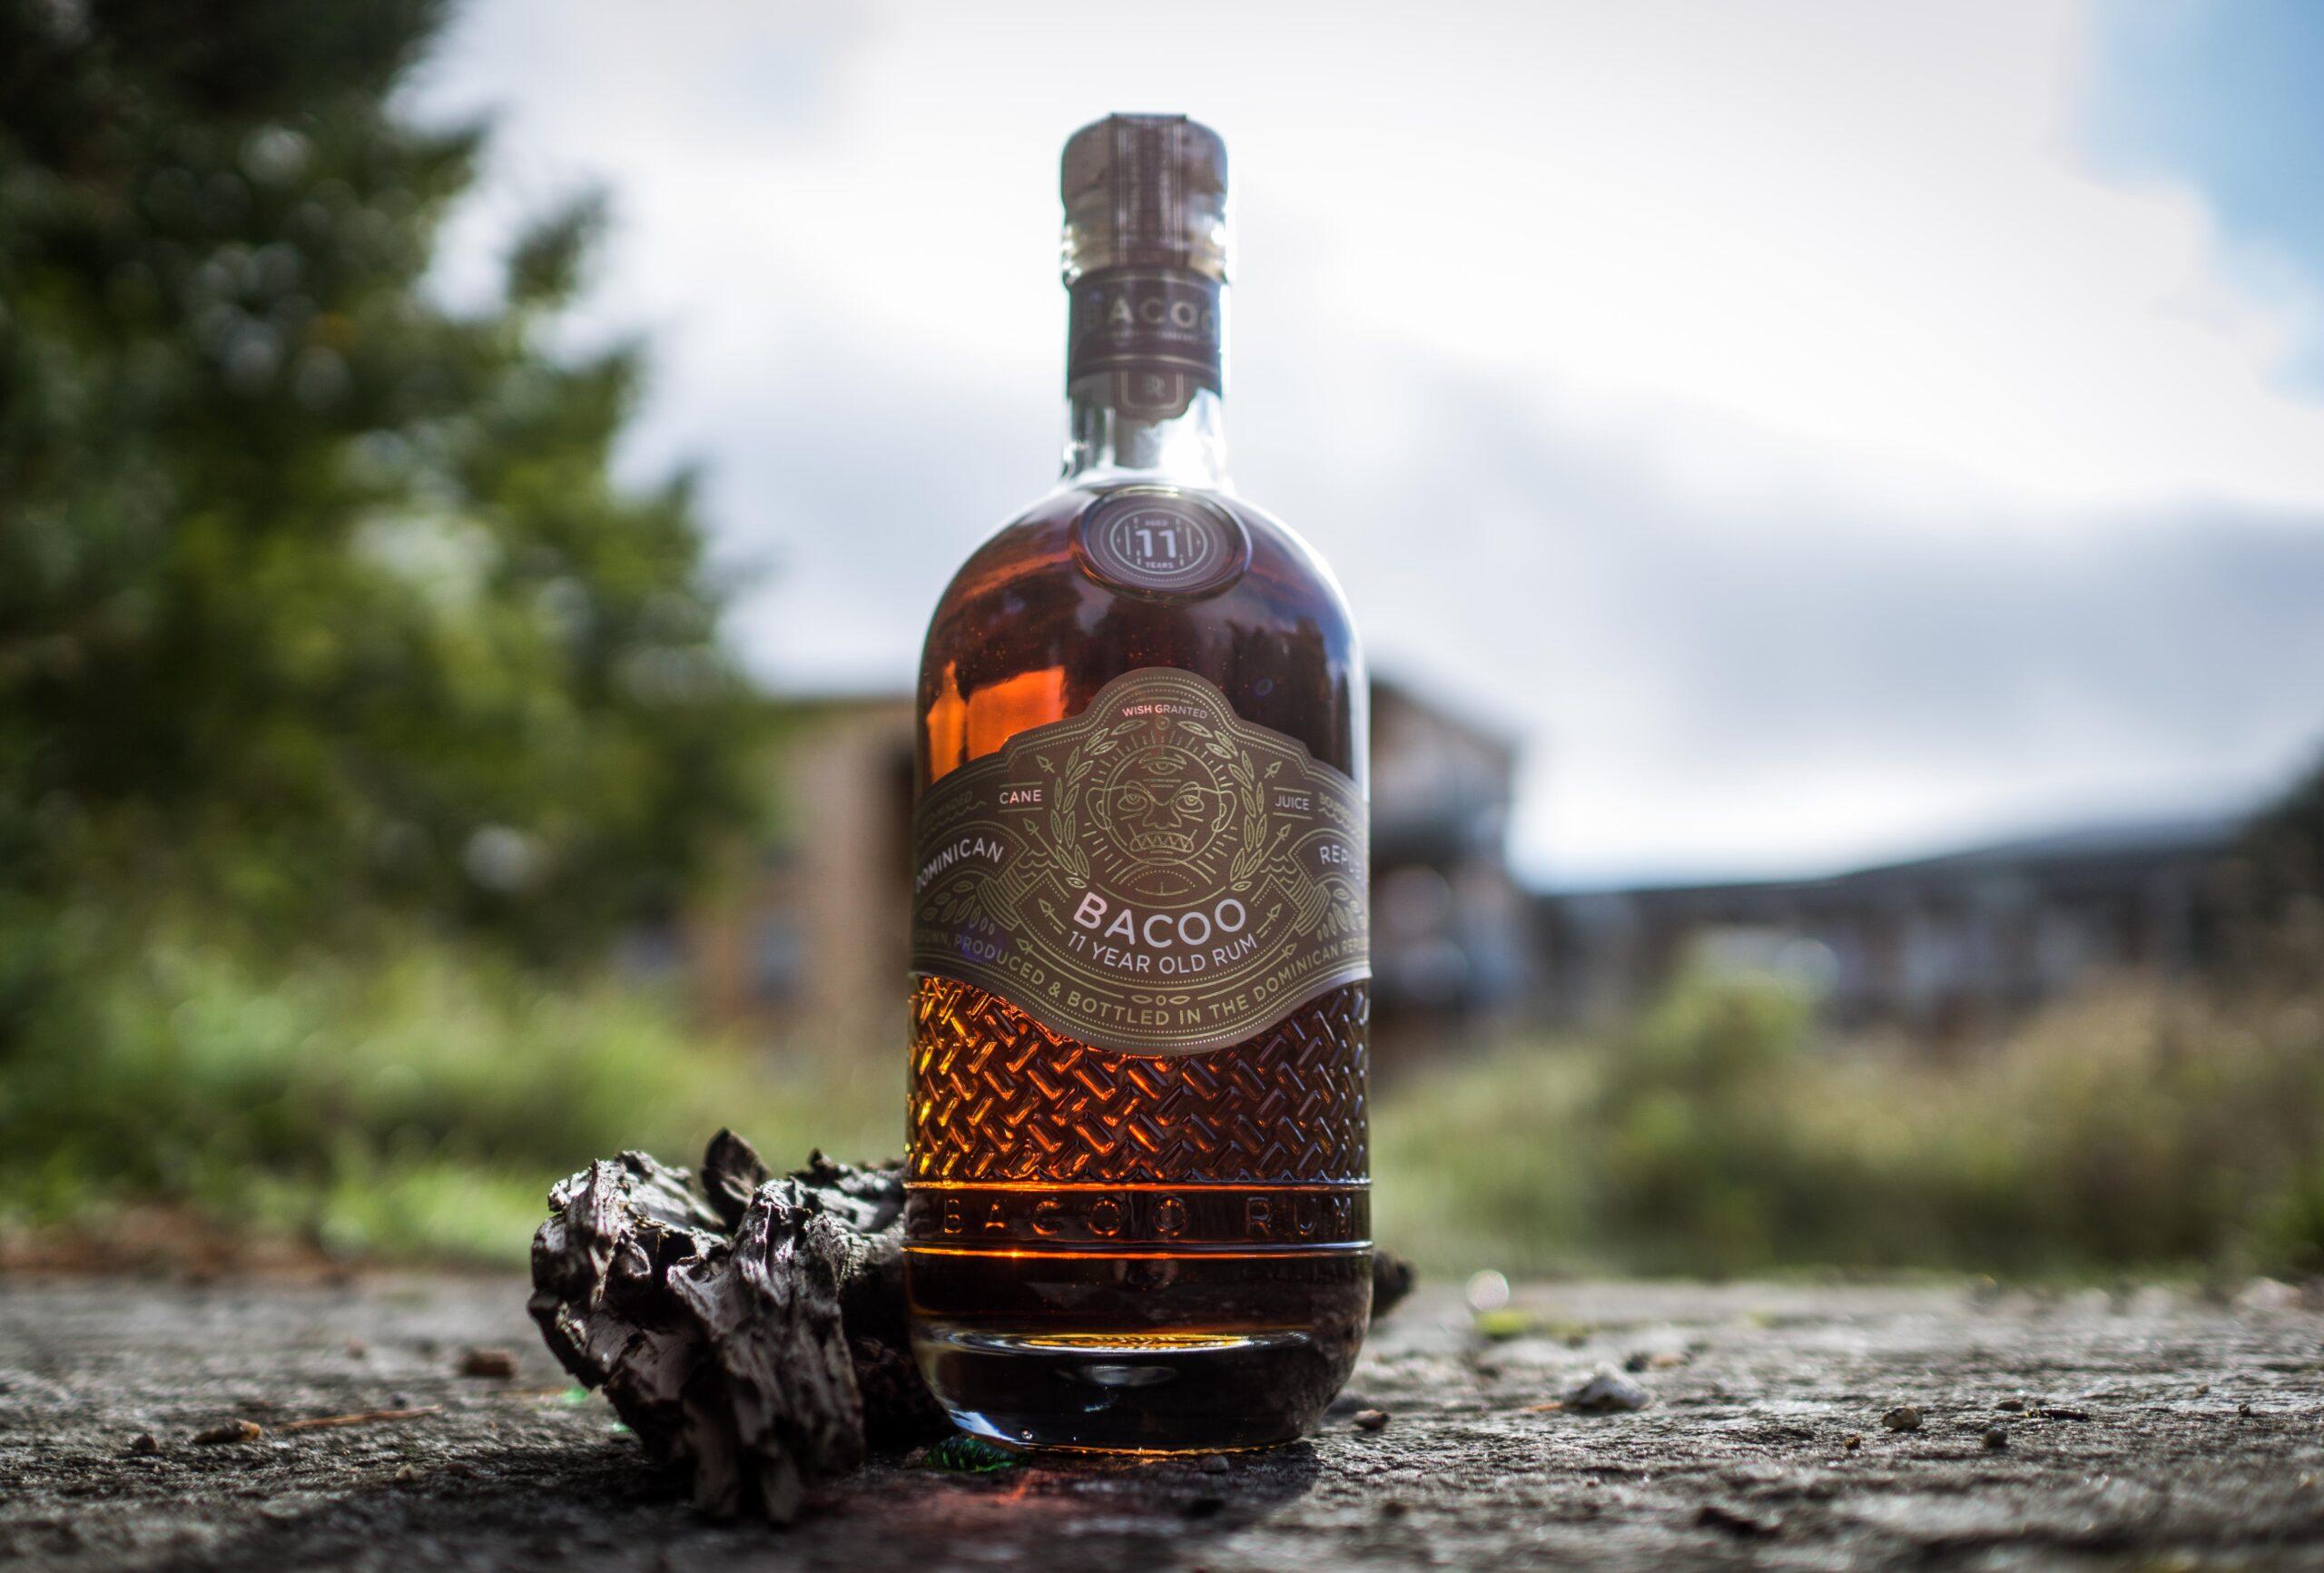 Bacoo 11yo rum